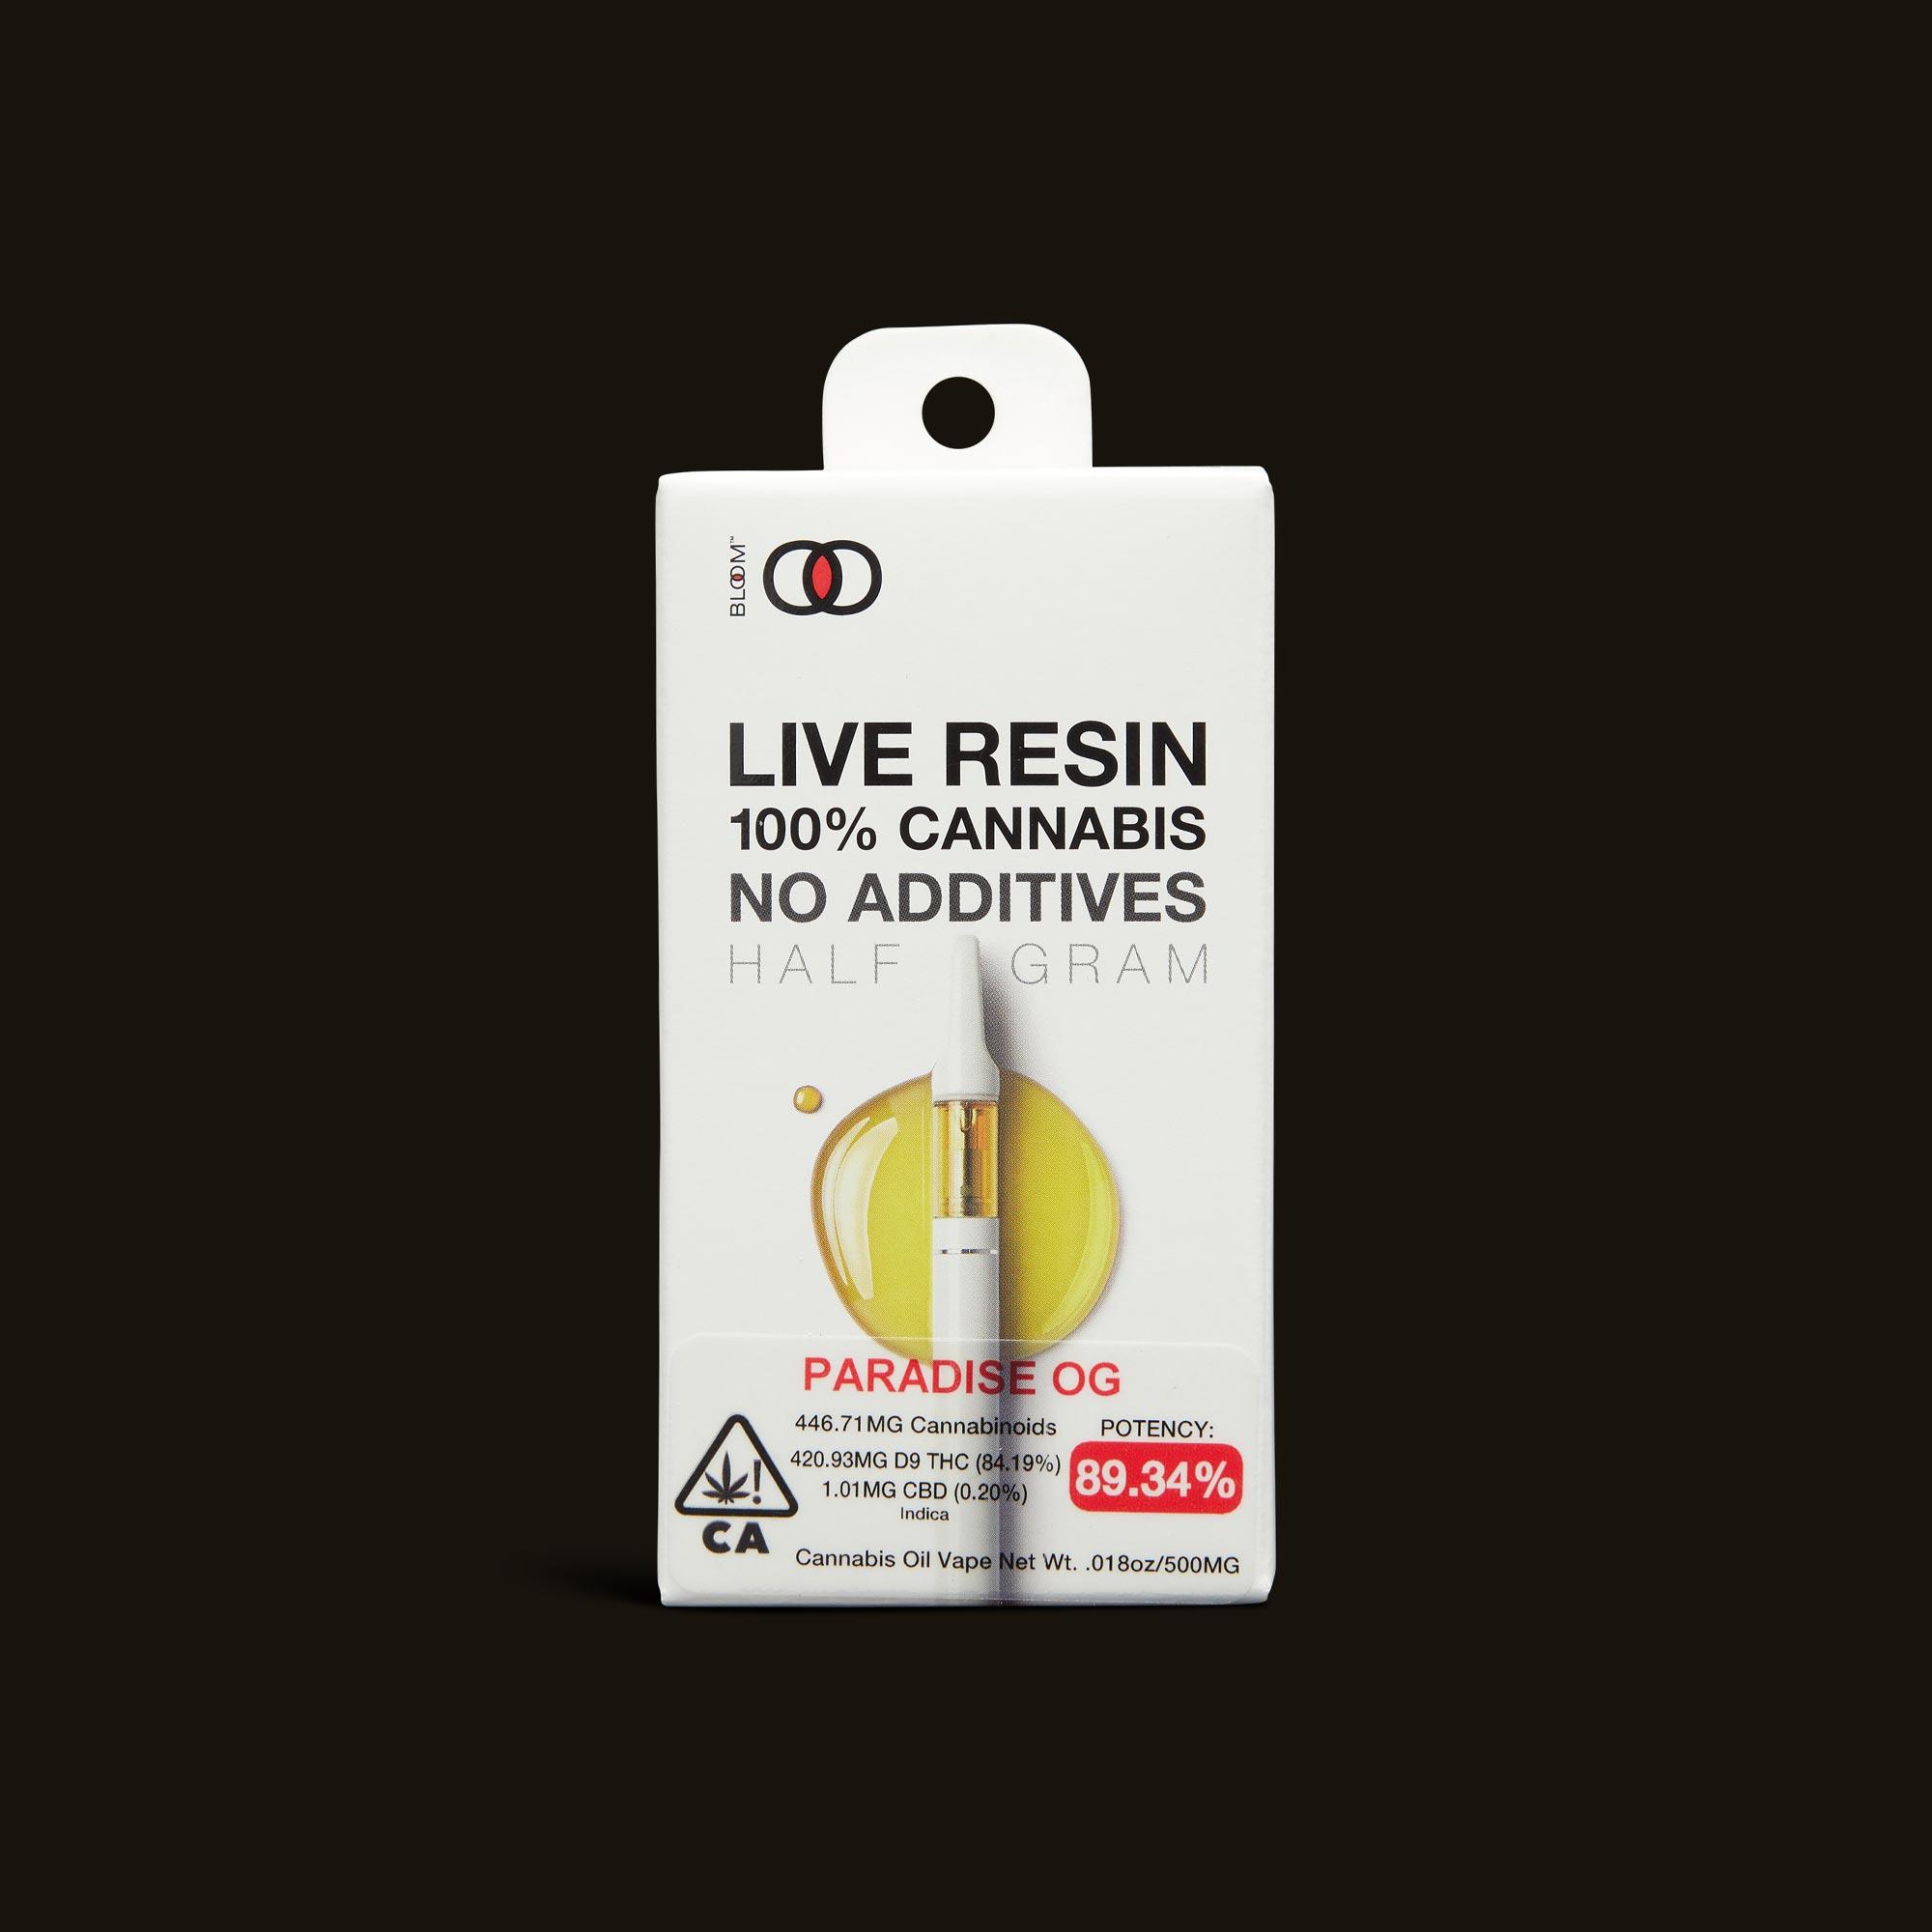 Paradise OG Live Resin Cartridge - 1g - 1g cartridge